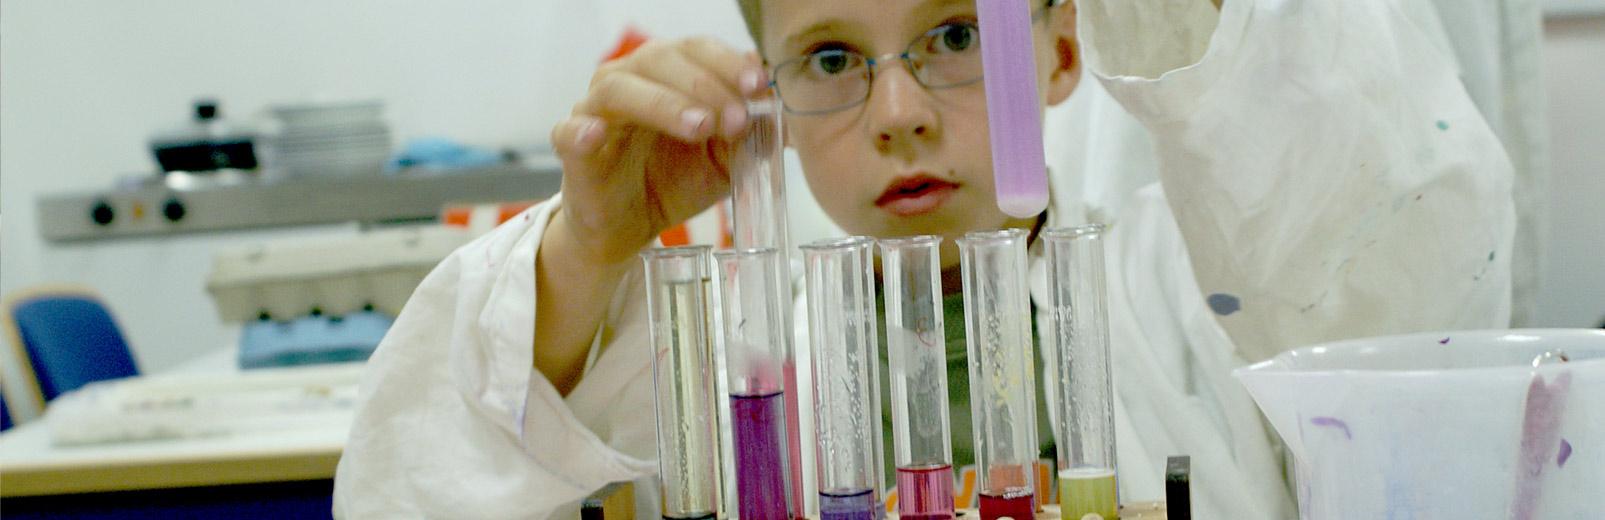 Junge beim wissenschaftlichen Experimentieren